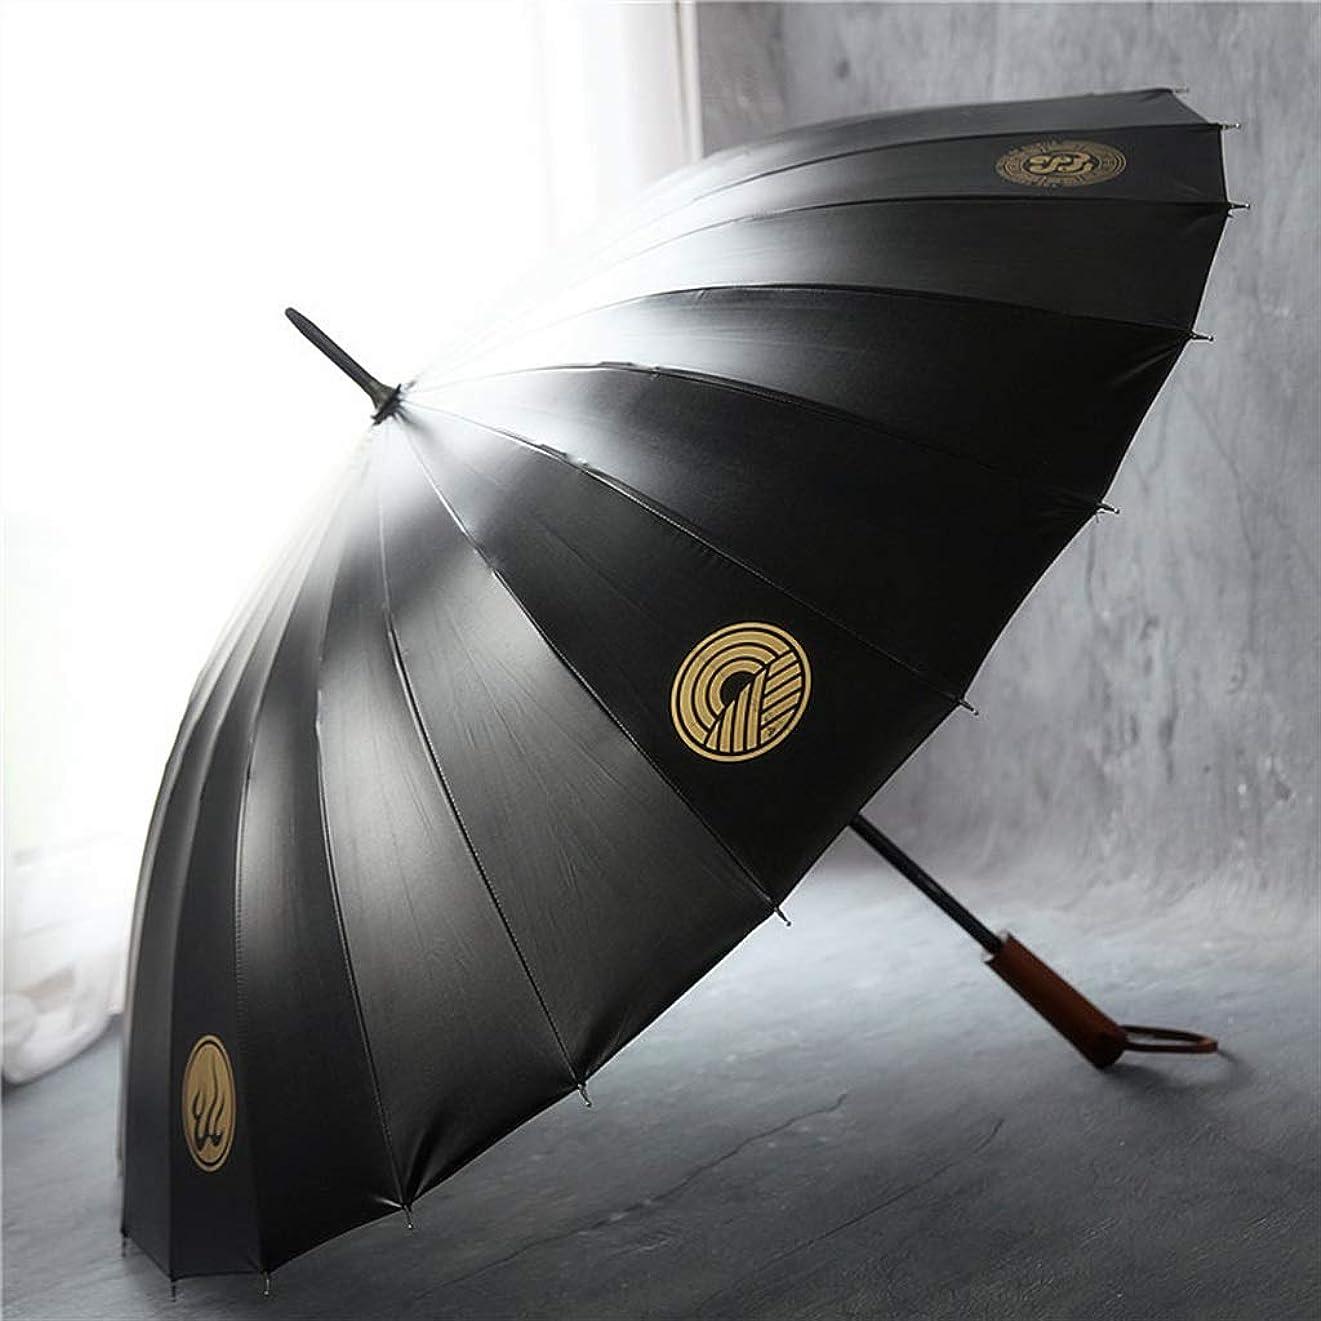 大型トラック高める星木製のハンドル長いハンドル傘黒いプラスチック製の傘の太陽の傘抗UV傘防風傘 ZHYGDQ